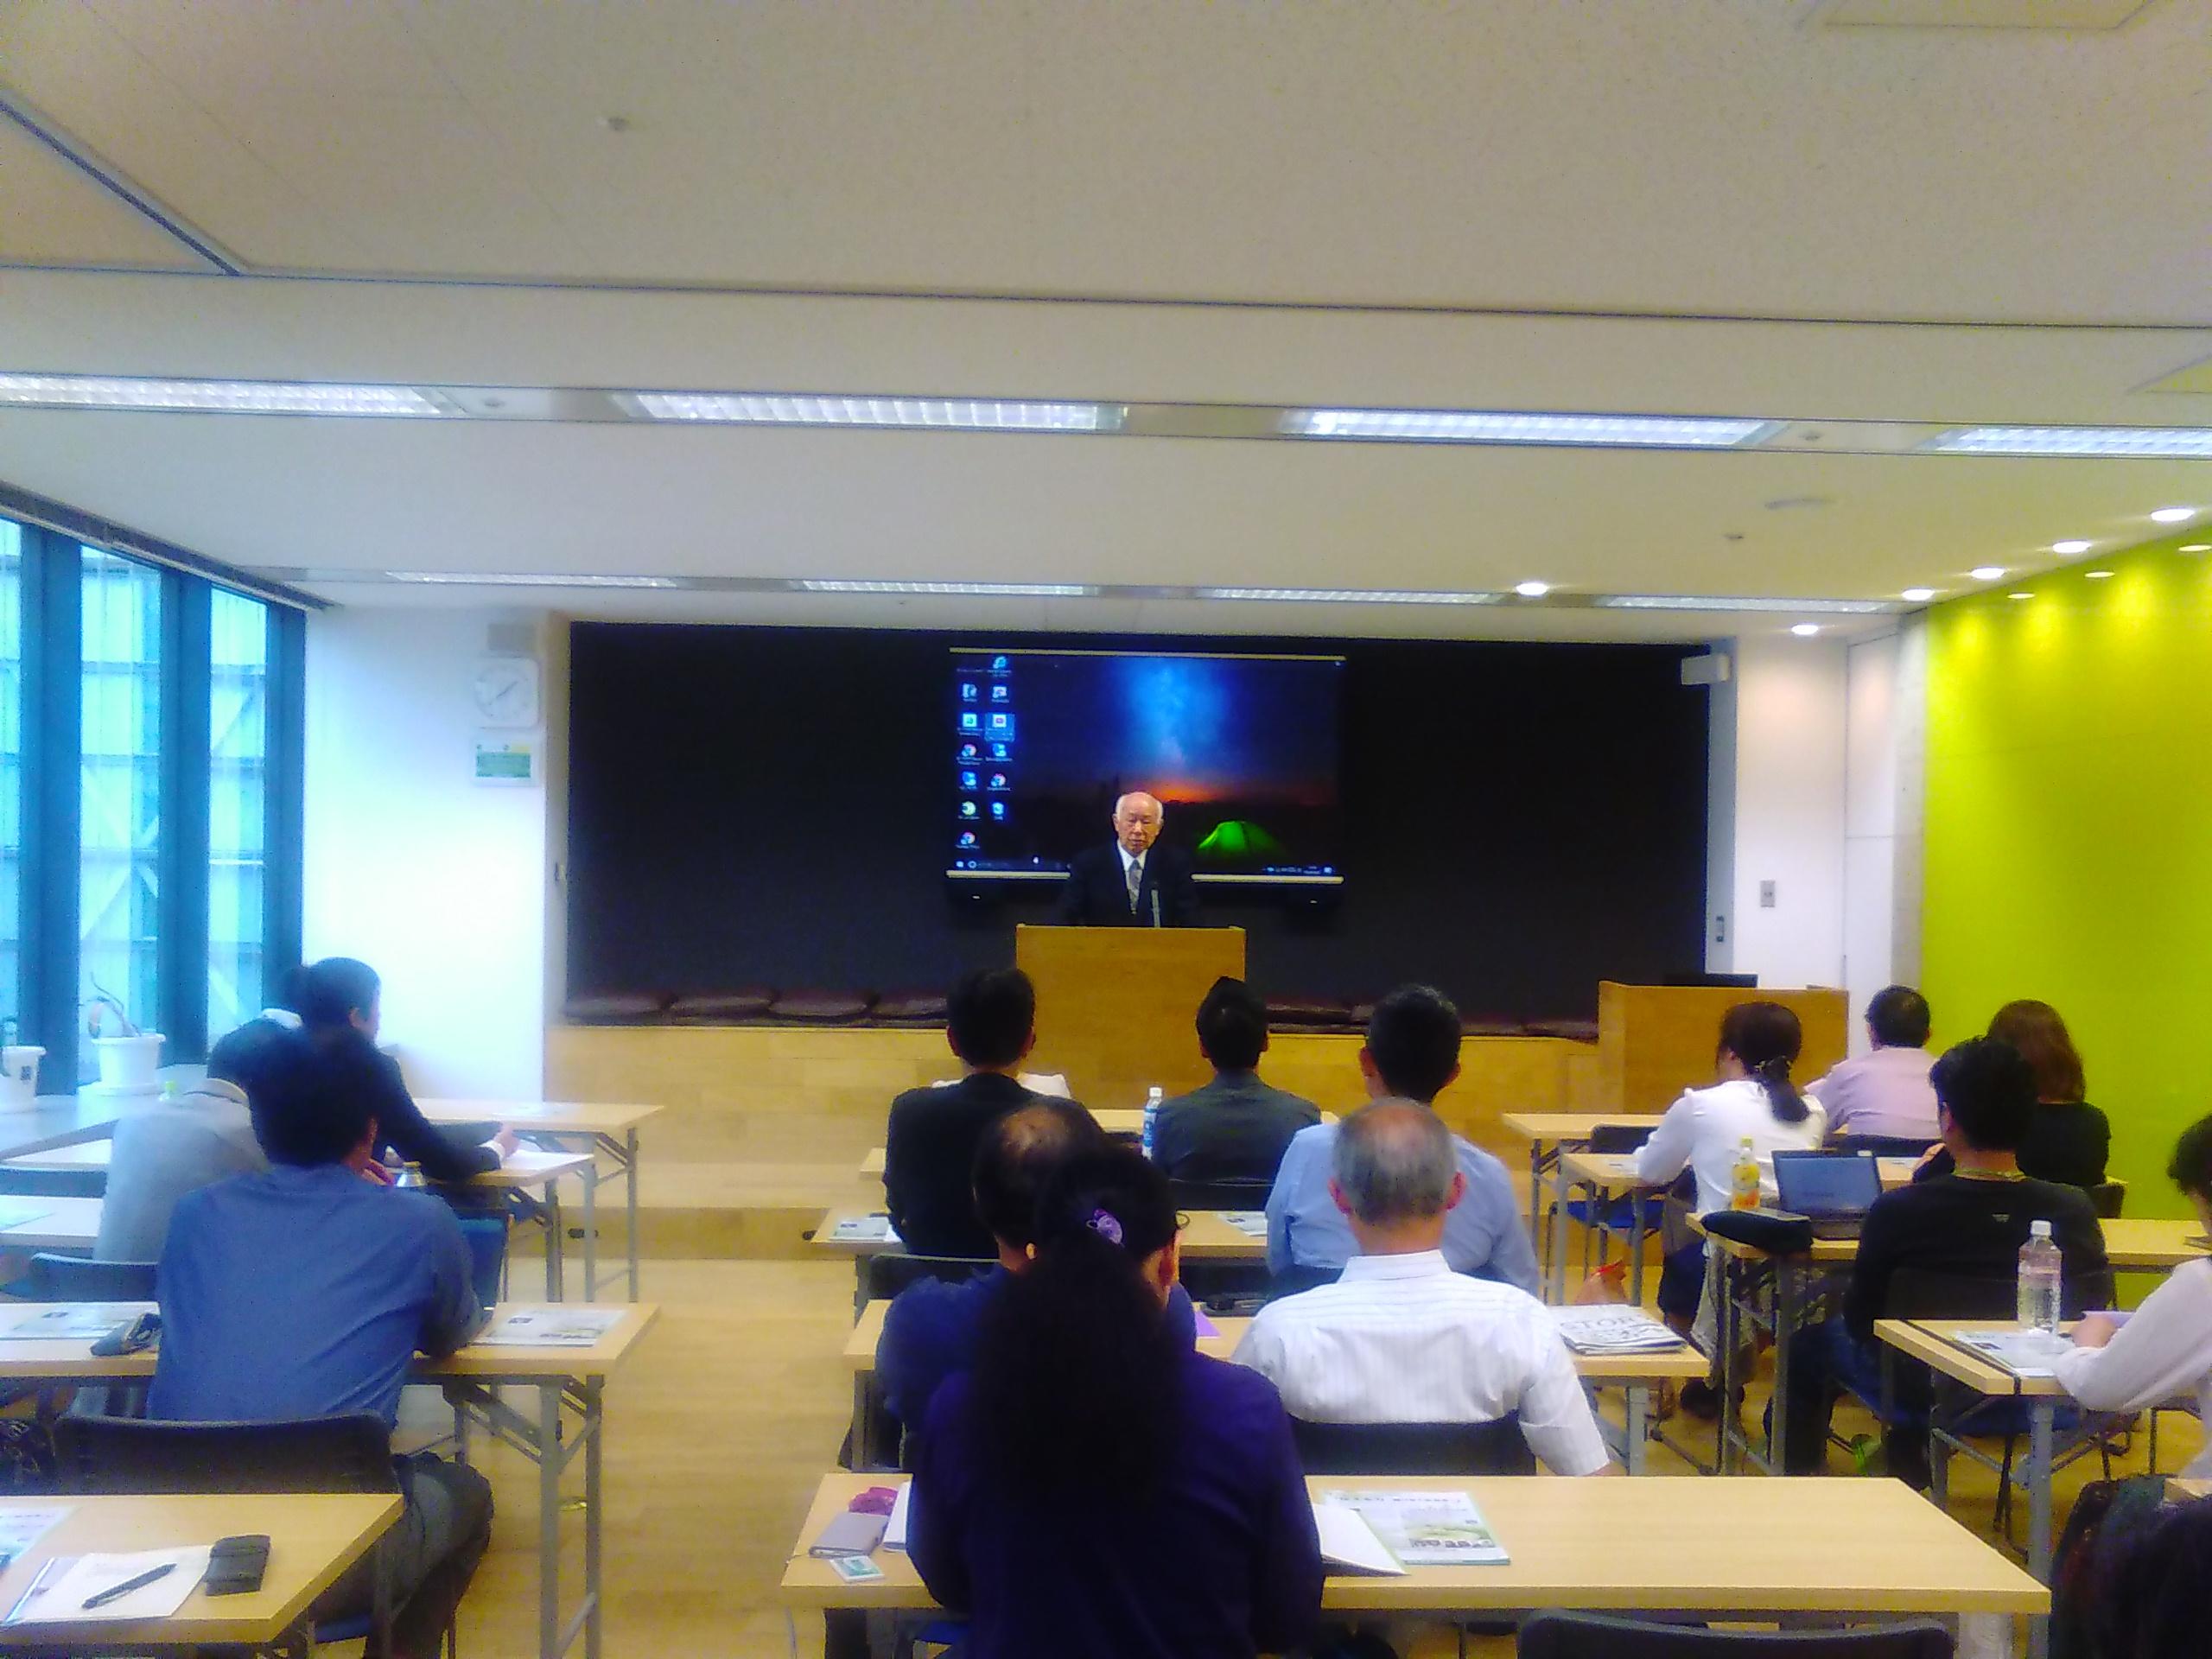 KIMG0190 - 4月1日東京思風塾の開催になります。